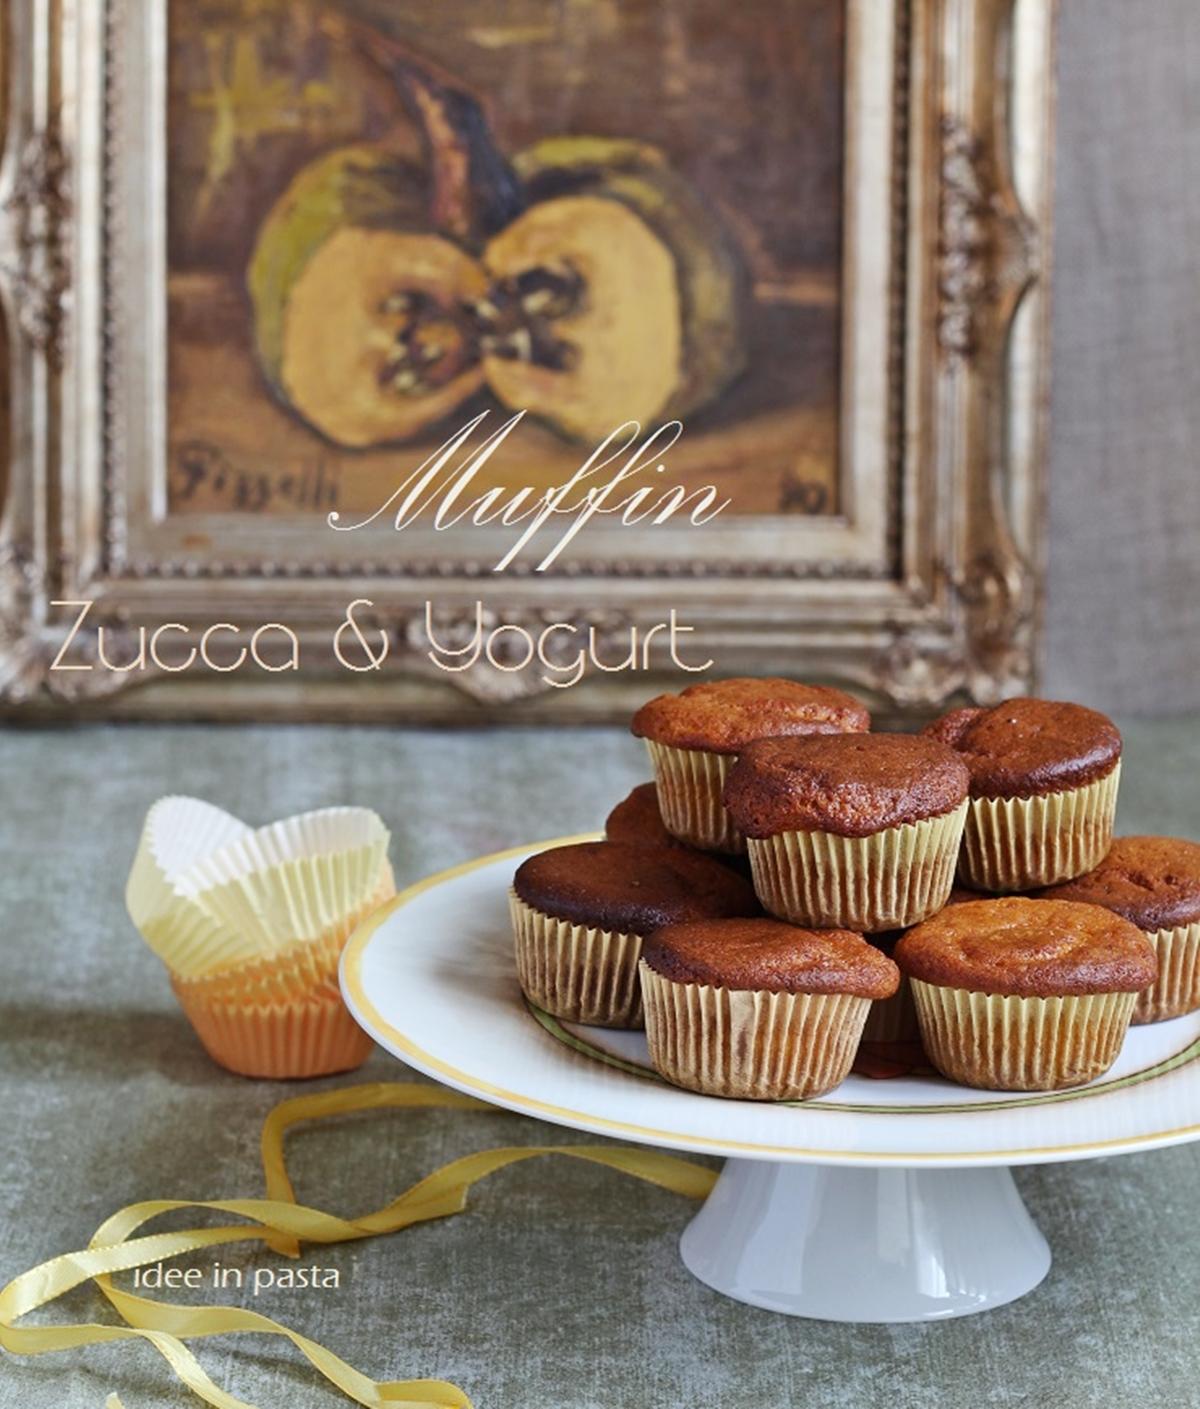 Muffin alla Zucca e Yogurt